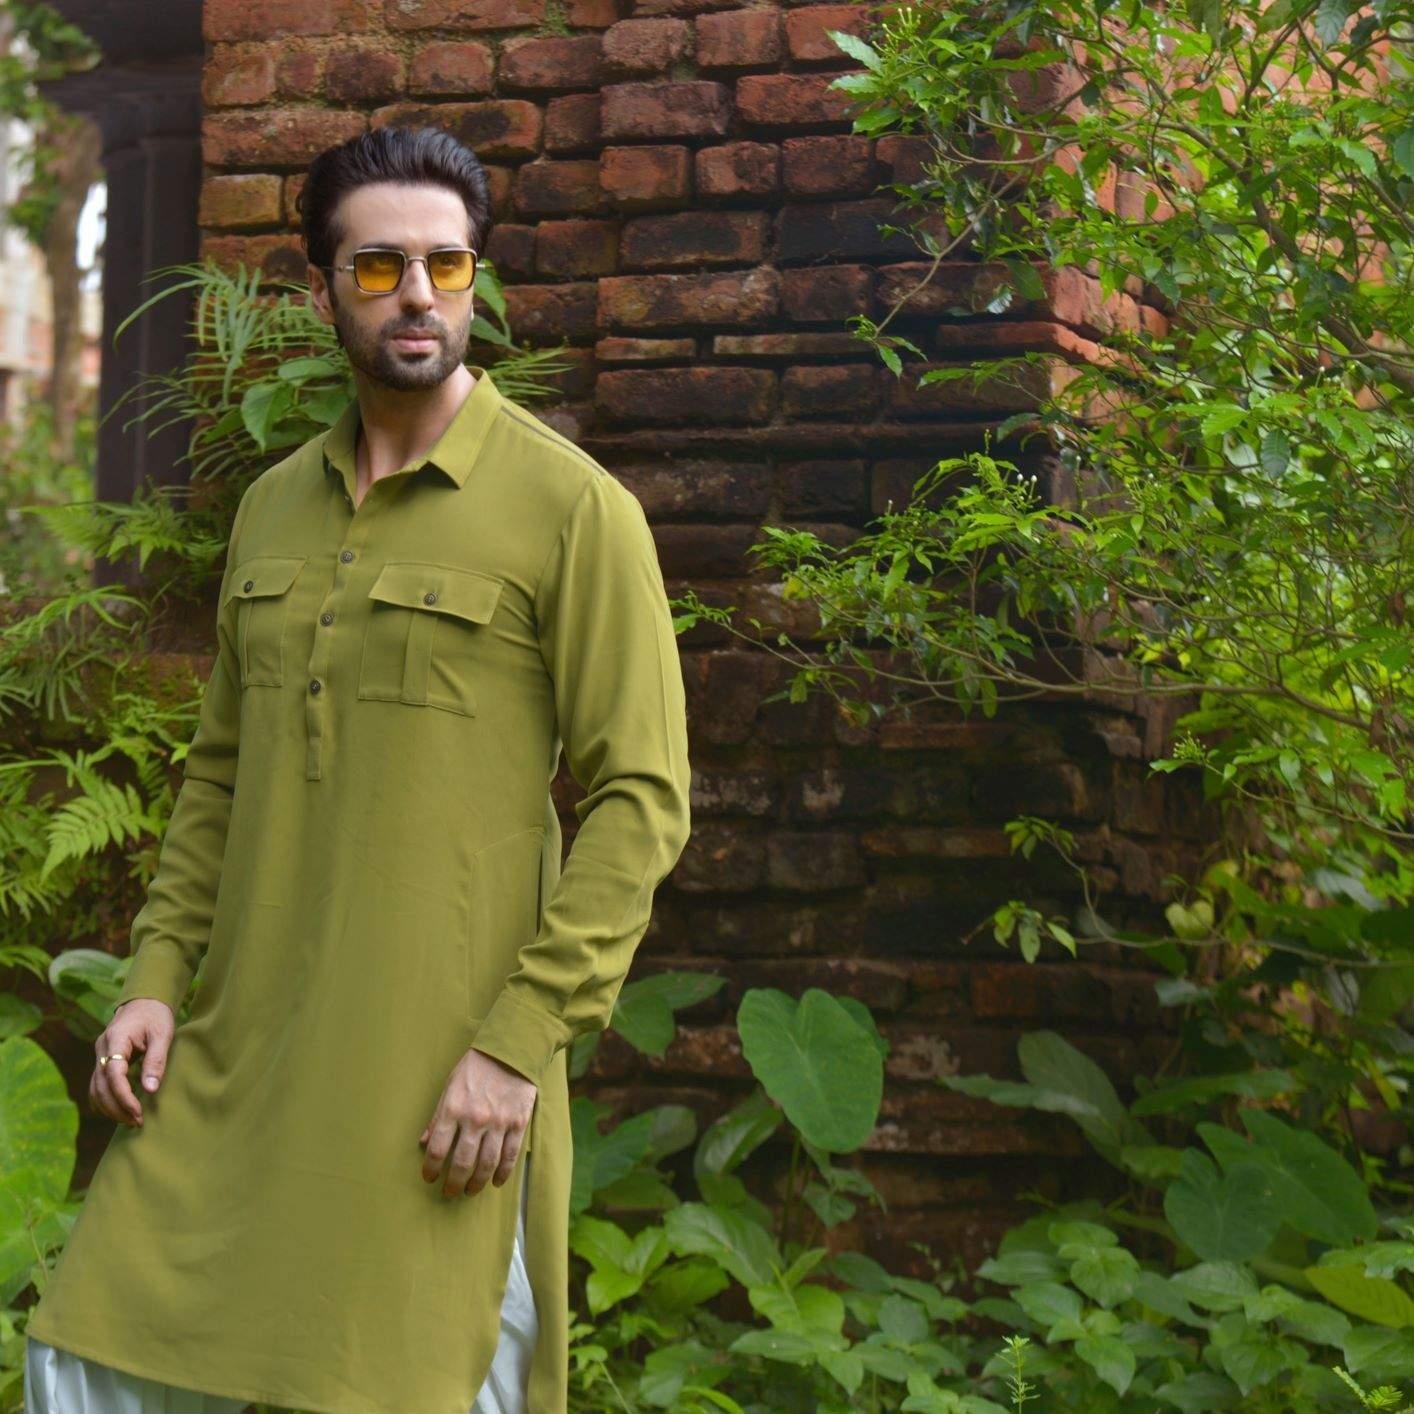 Surbhi Pansari's Poila Baisakh edit